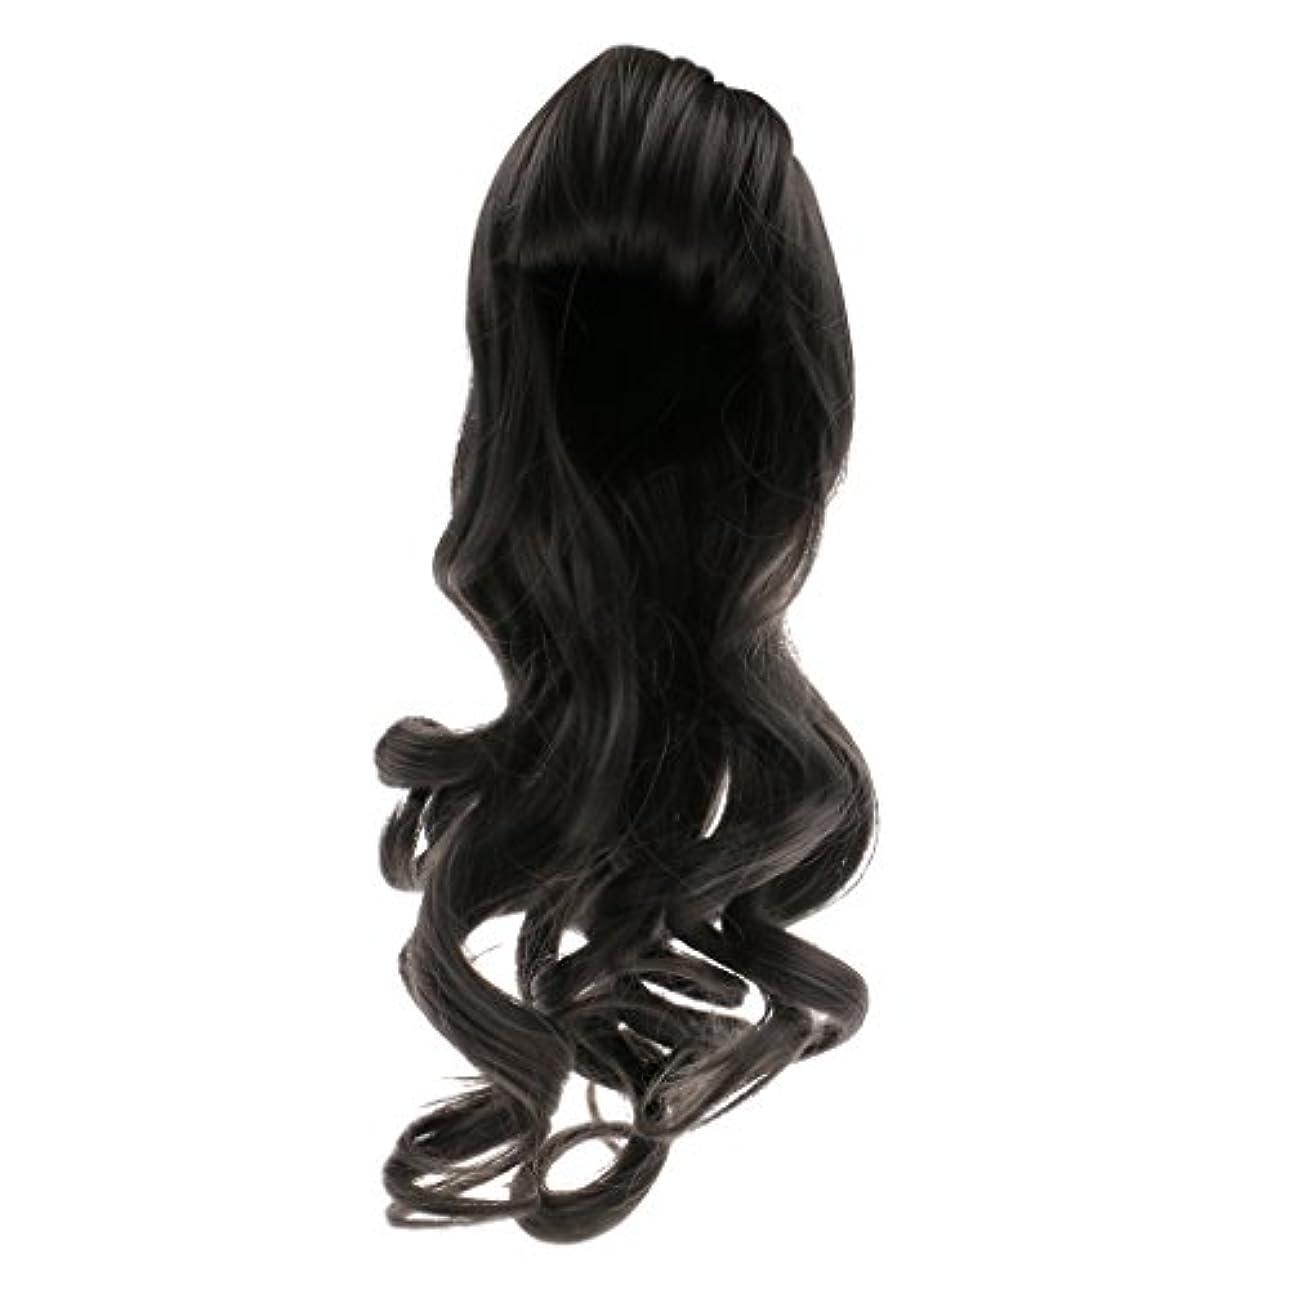 エンドテーブル拡張紀元前人形用 ドールウィッグ かつら 巻き毛 波状髪 セクシー 前髪 ブライス人形適用 全6色選べ  - #1